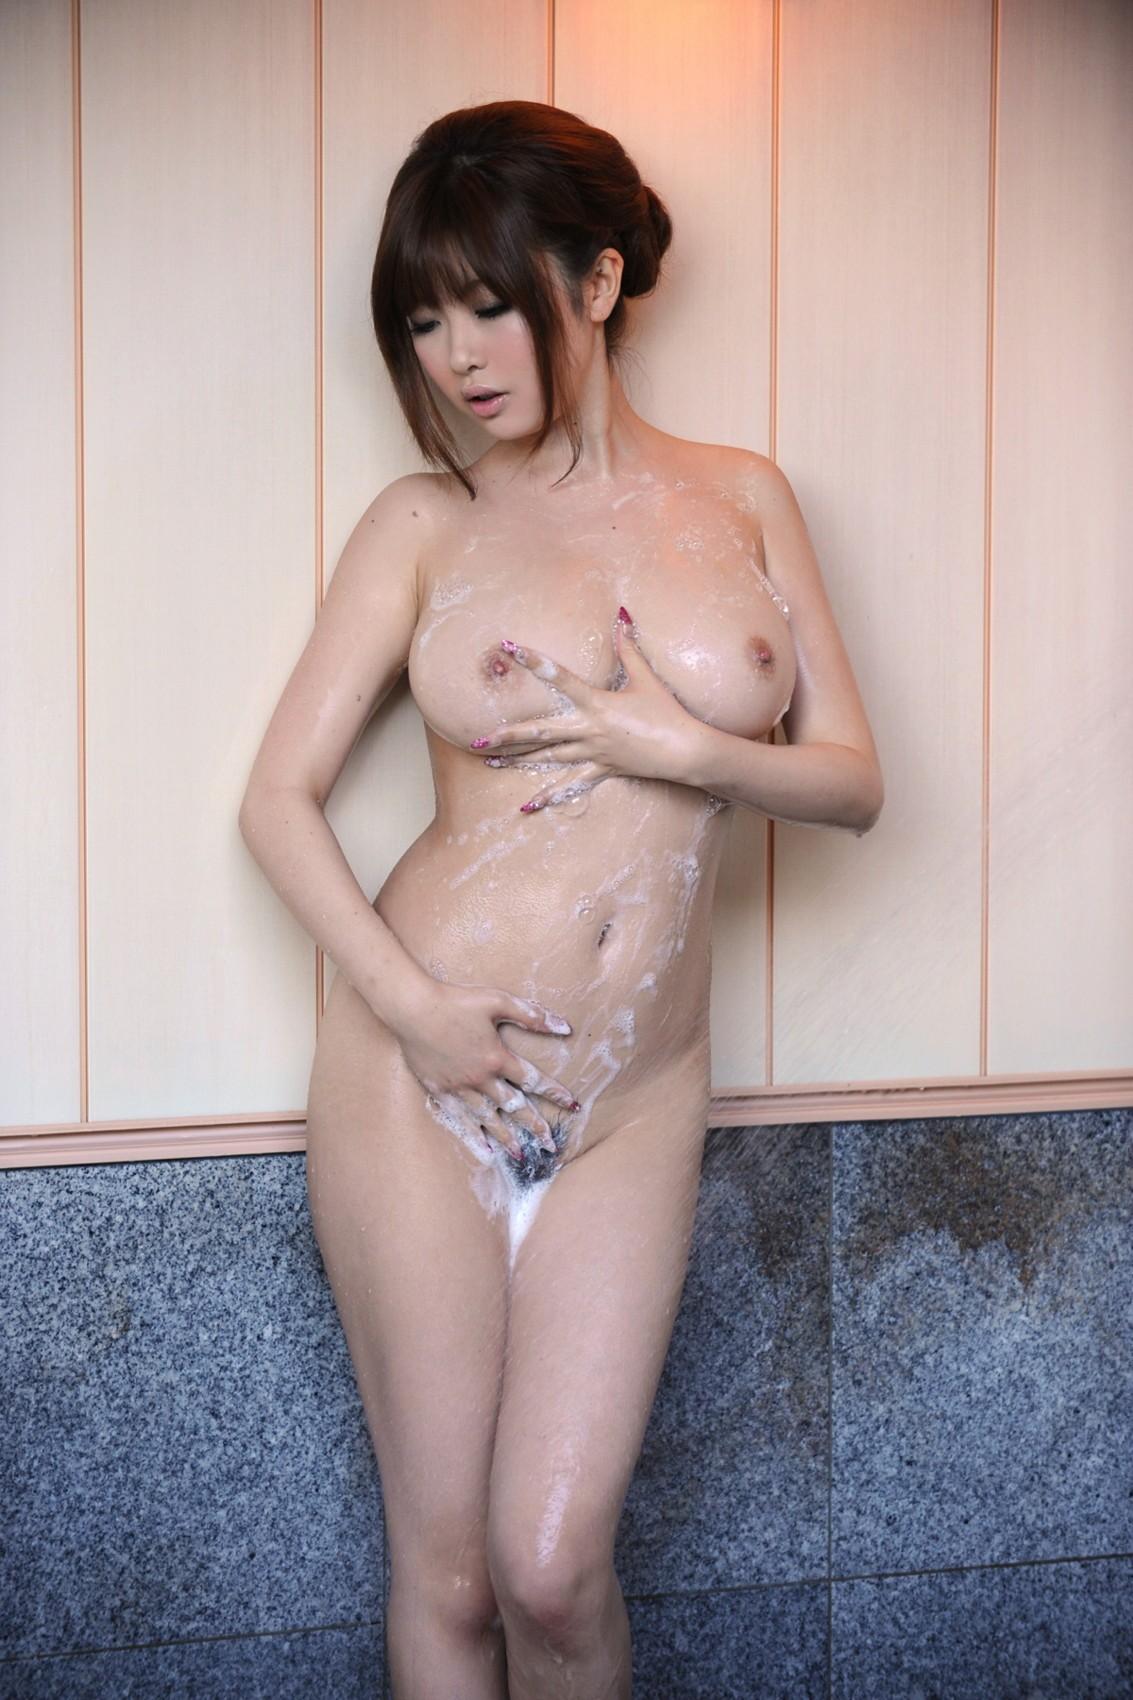 【入浴エロ画像】身を清め中なのを乱してやりたい泡まみれのムッチリ女体www 14